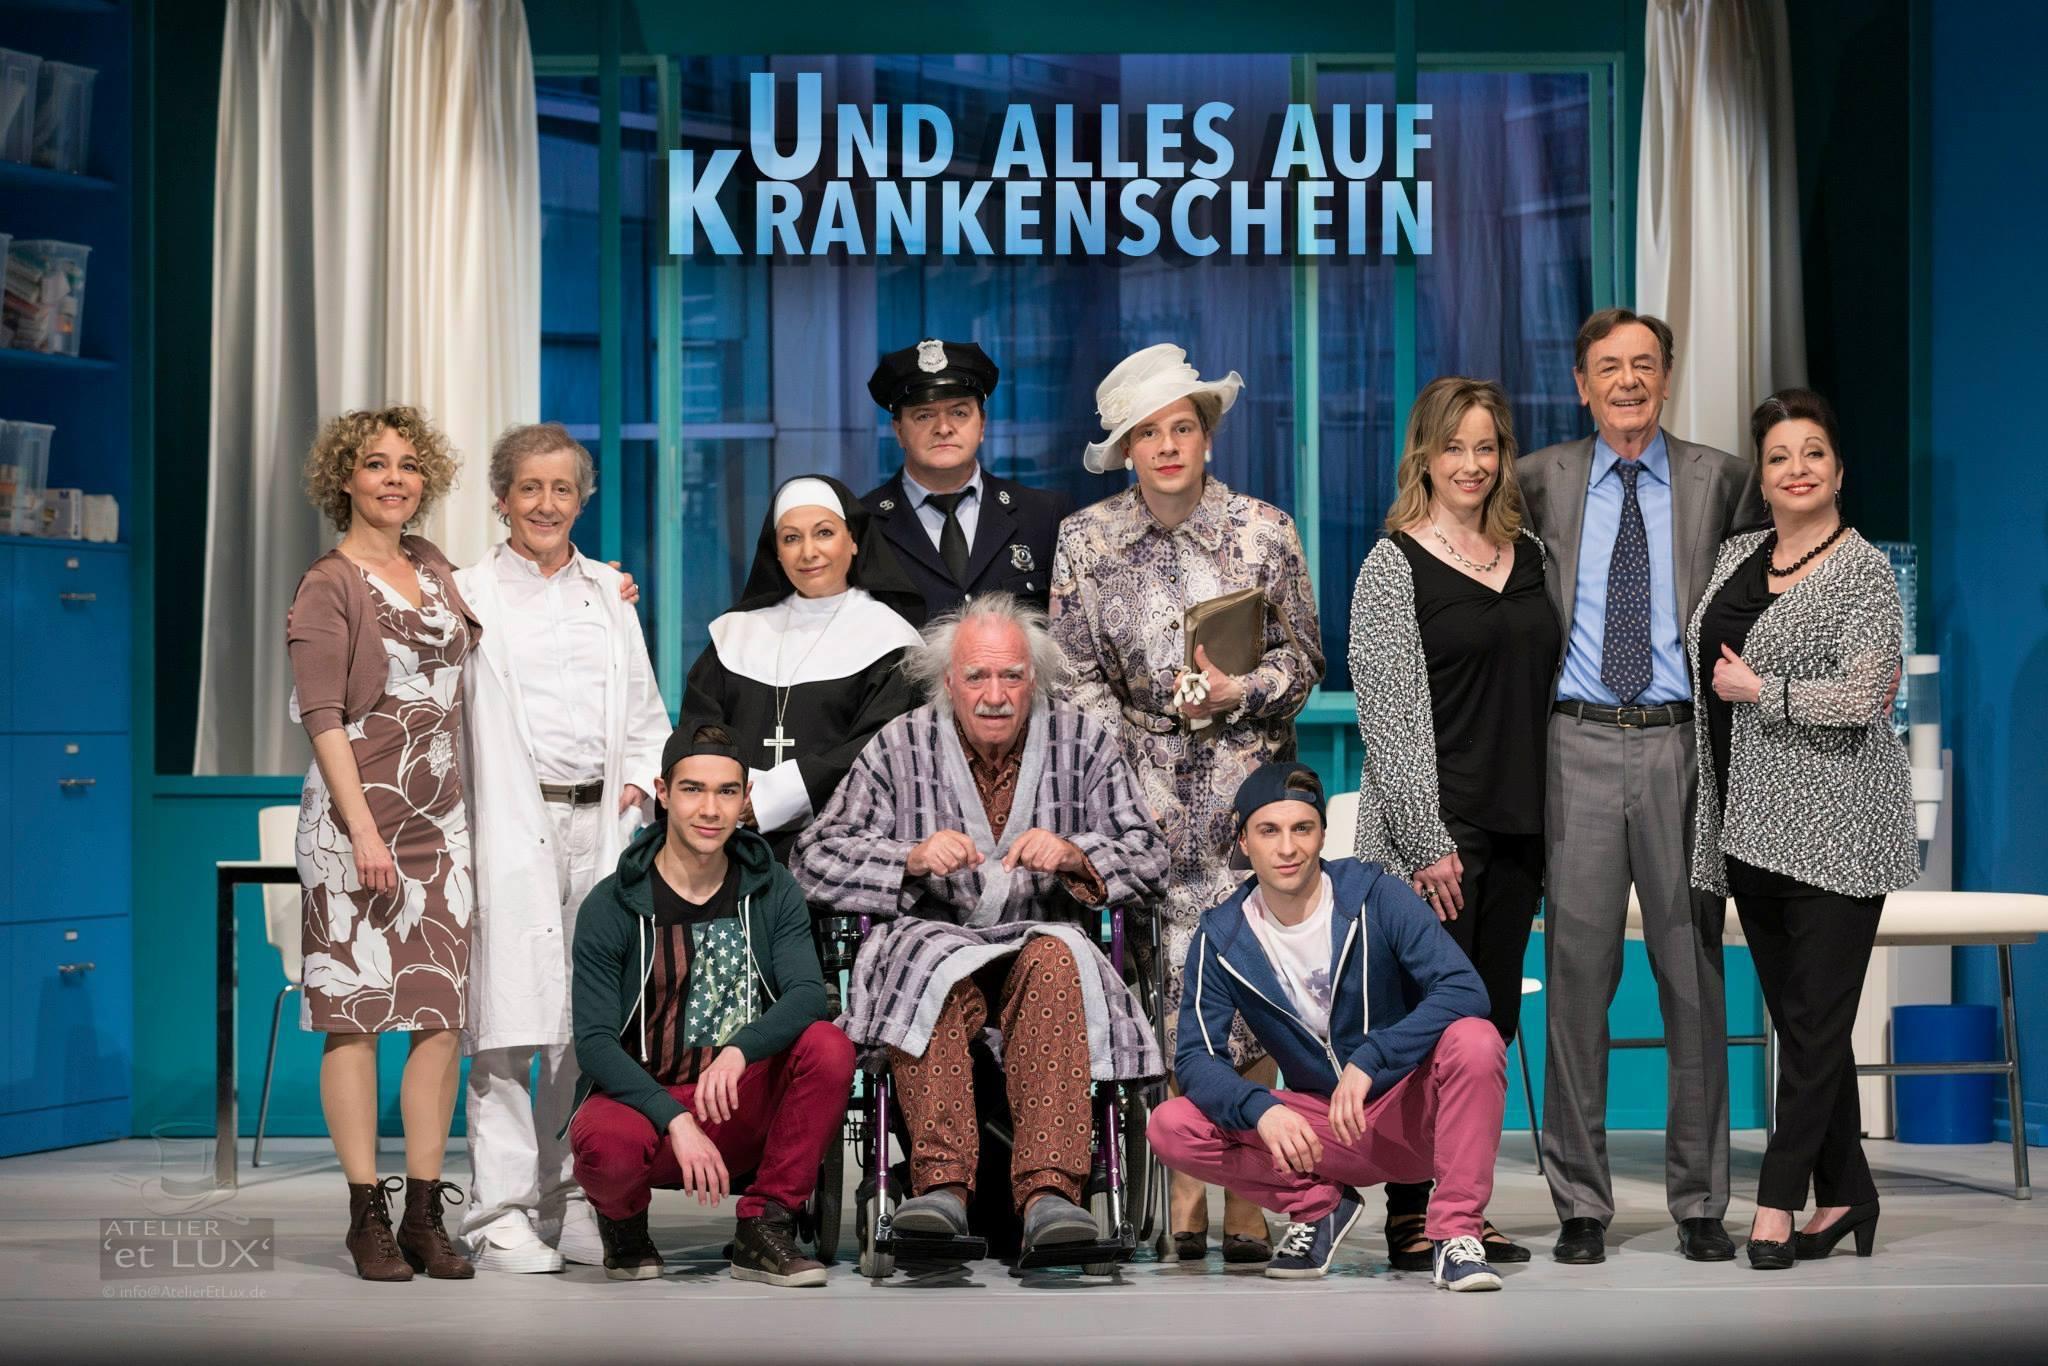 Und alles auf Krankenschein, Schlosspark Theater